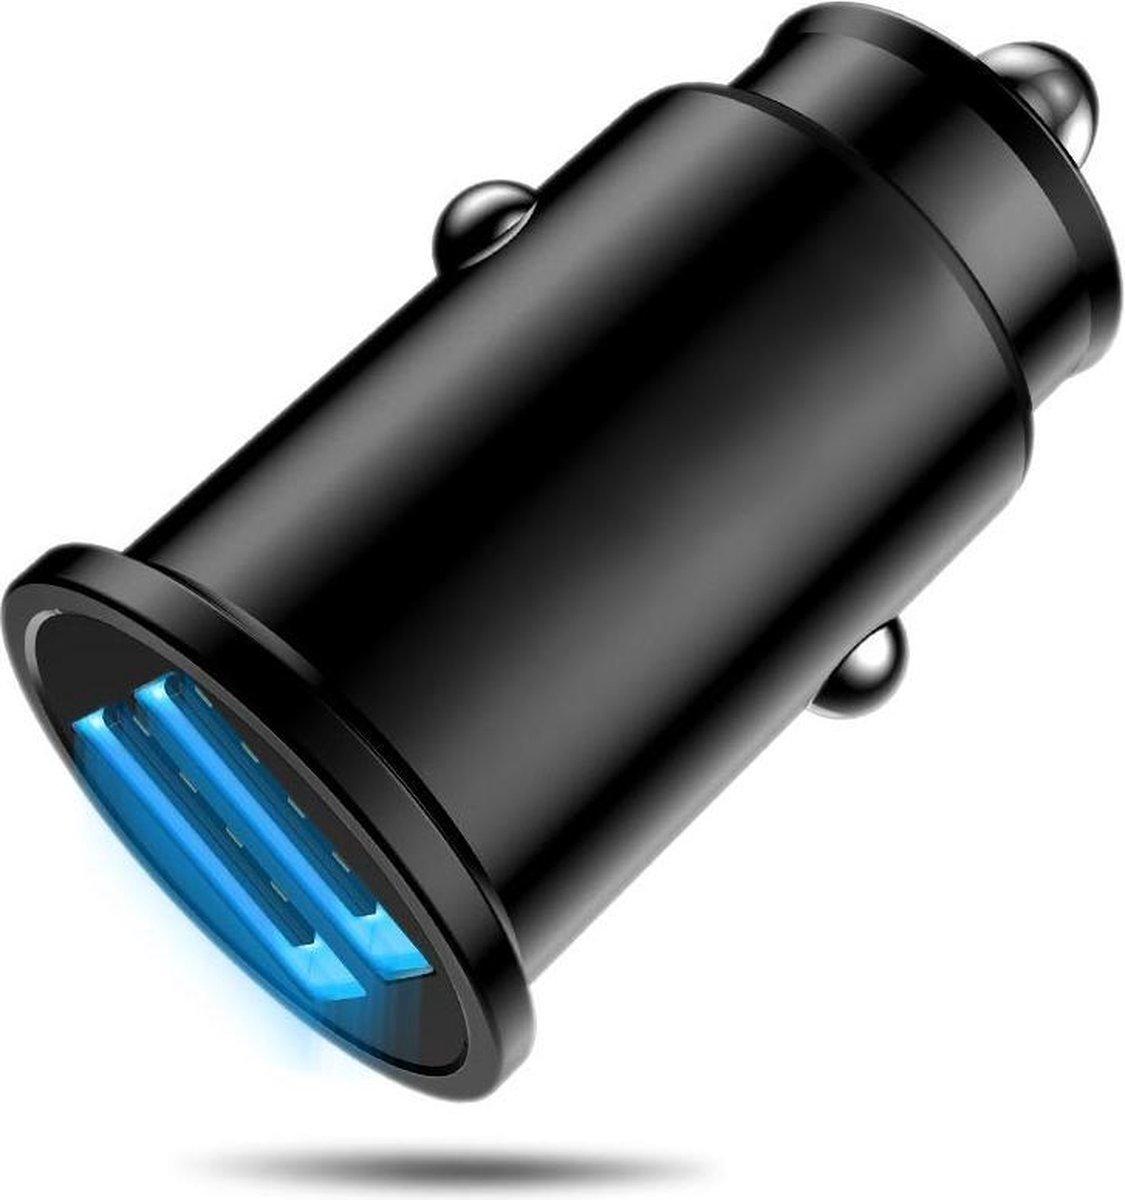 MMOBIEL Multi Compacte 2.0 Auto Lader Oplader - Dual USB Port Sigaretten Aansteker - voor Elektronis